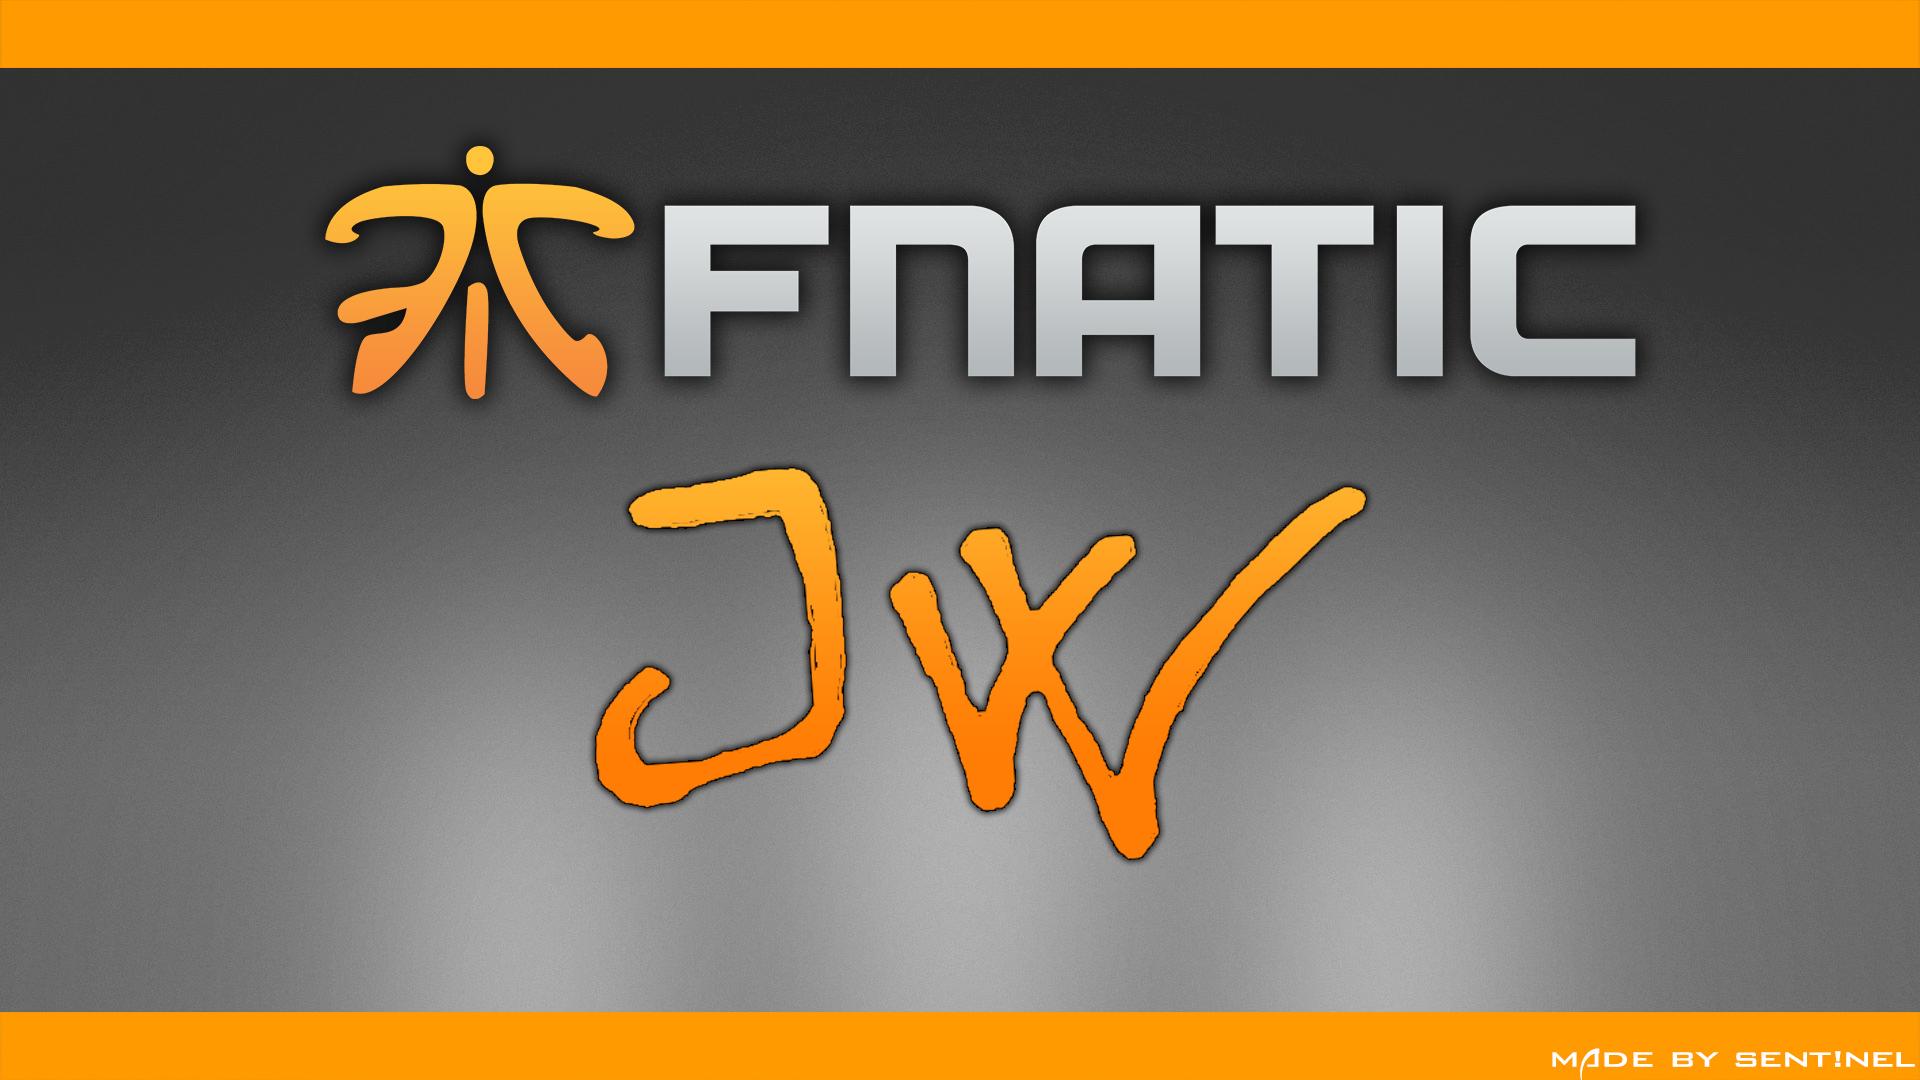 jw logo wallpaper